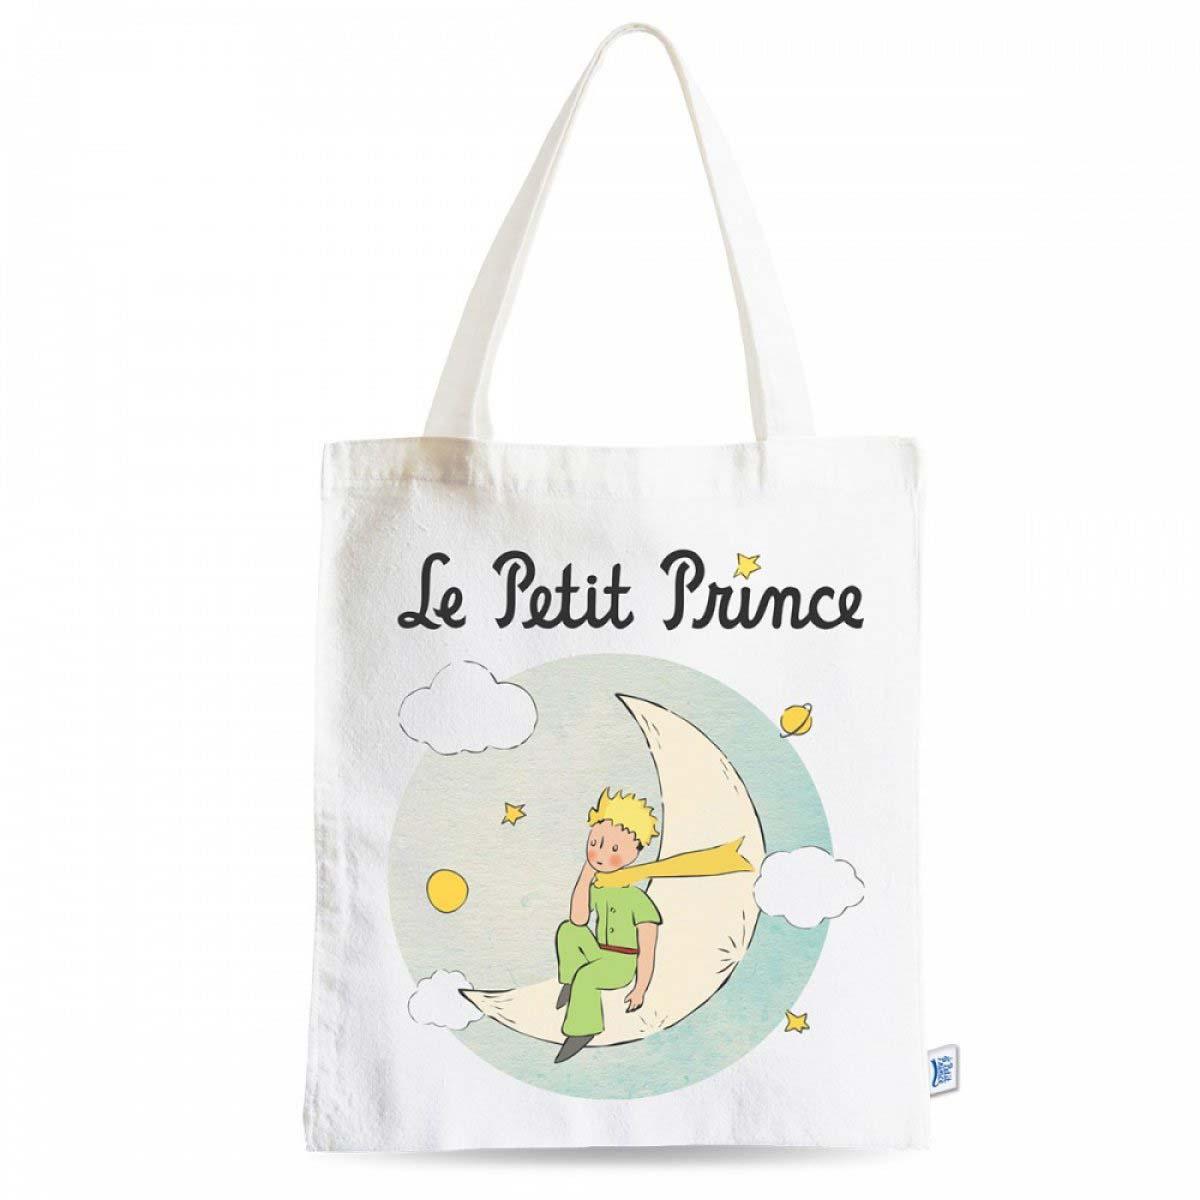 Sac coton / tote bag \'Le Petit Prince\' blanc bleu - 44x38 cm - [A0868]